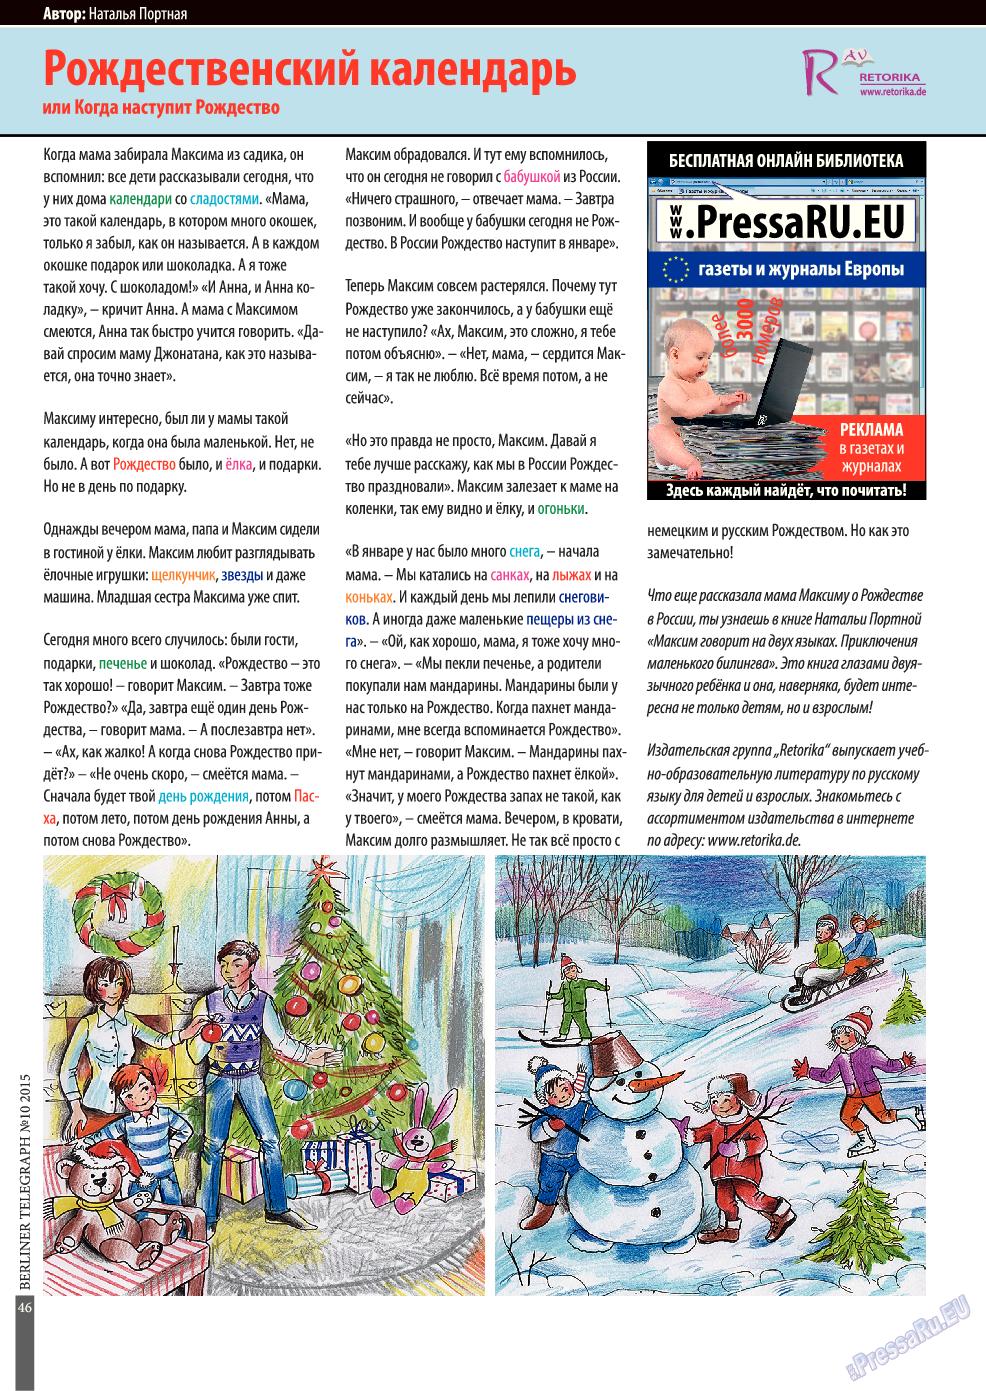 Берлинский телеграф (журнал). 2015 год, номер 11, стр. 46